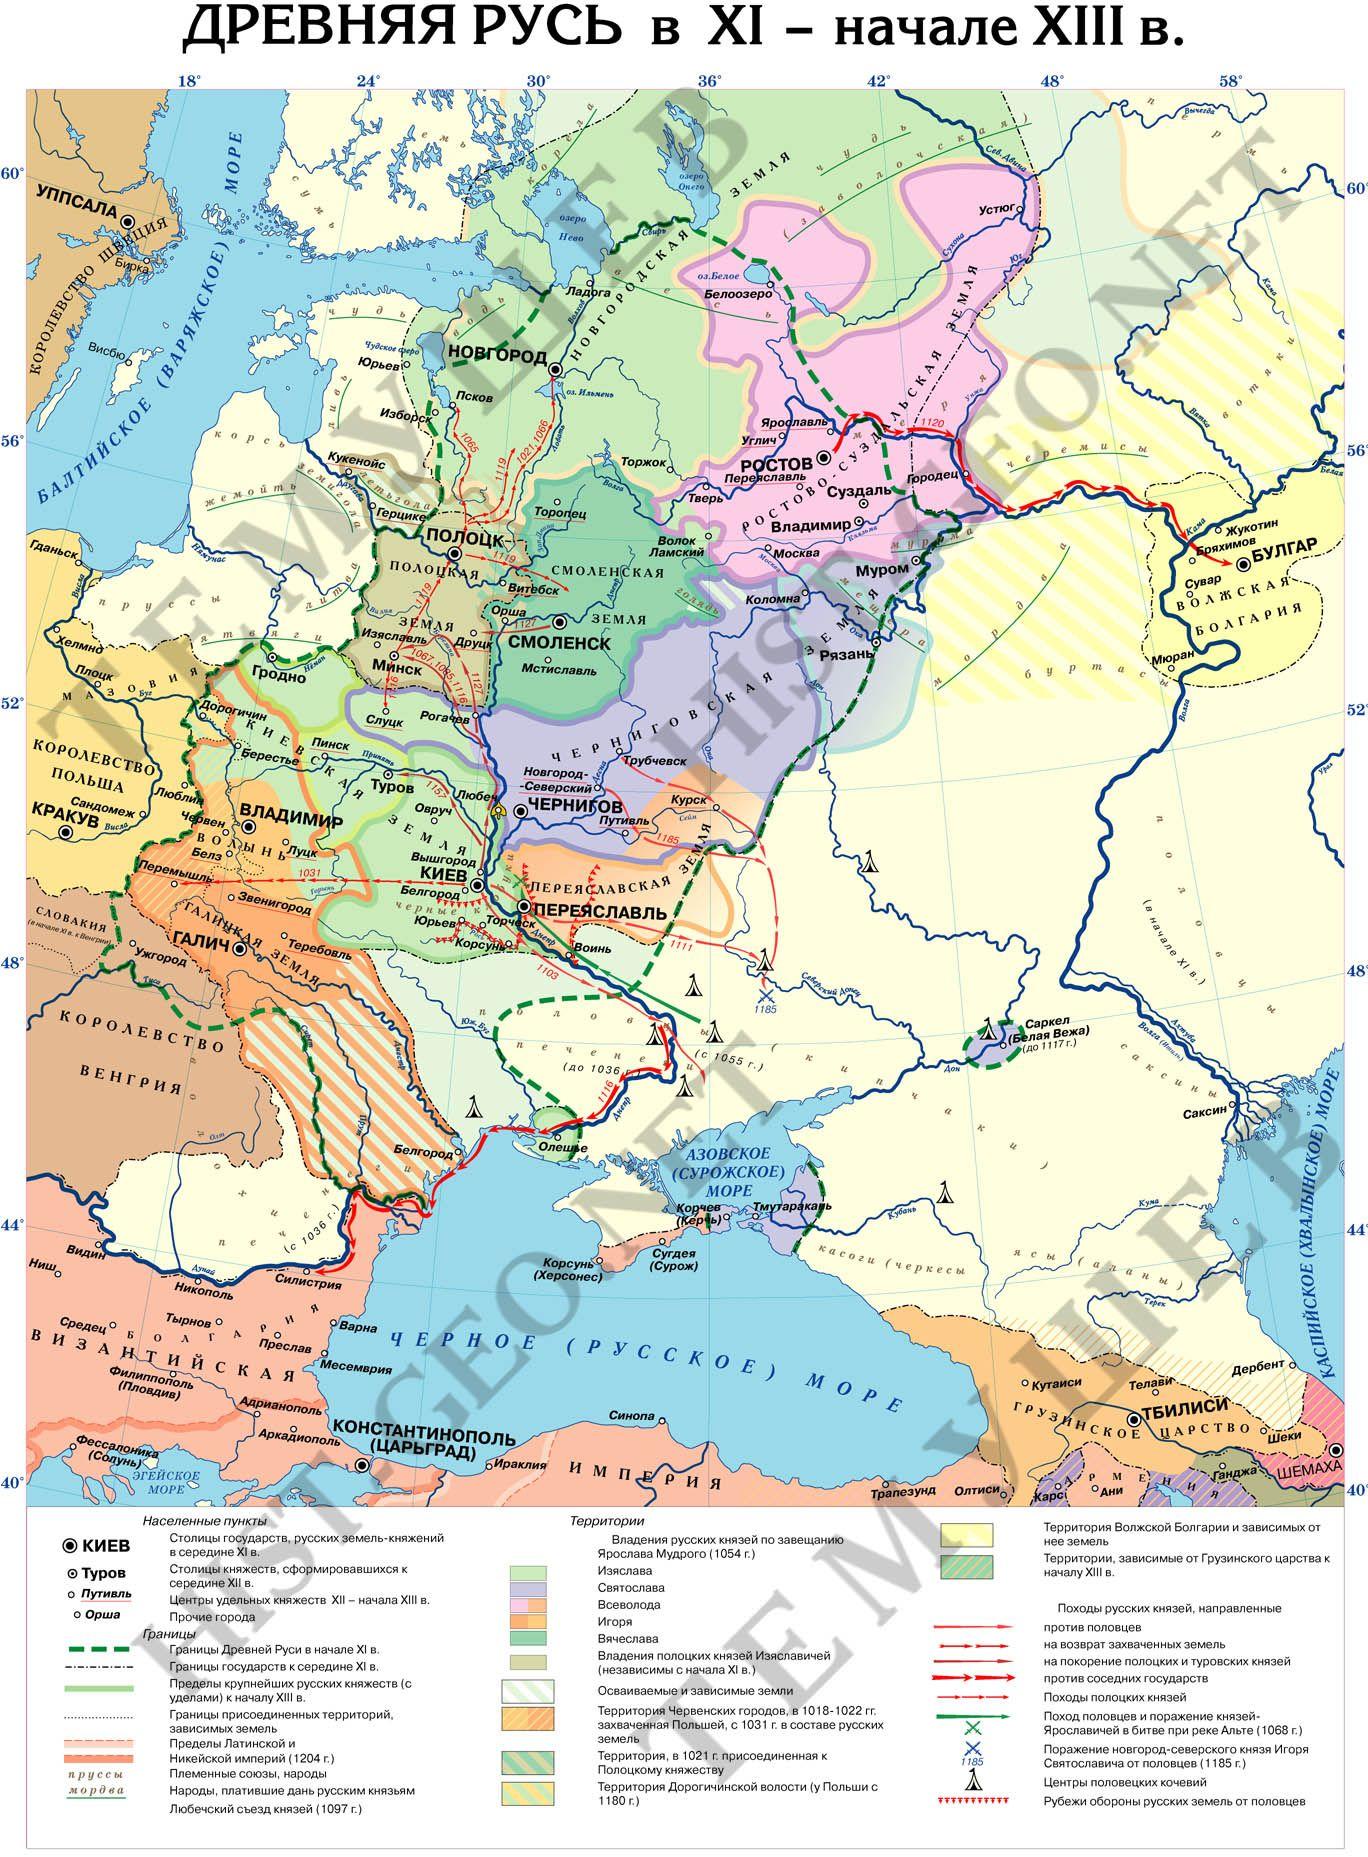 Rus 11 Nach13v Jpg 1368 1857 Nastennye Karty Karta